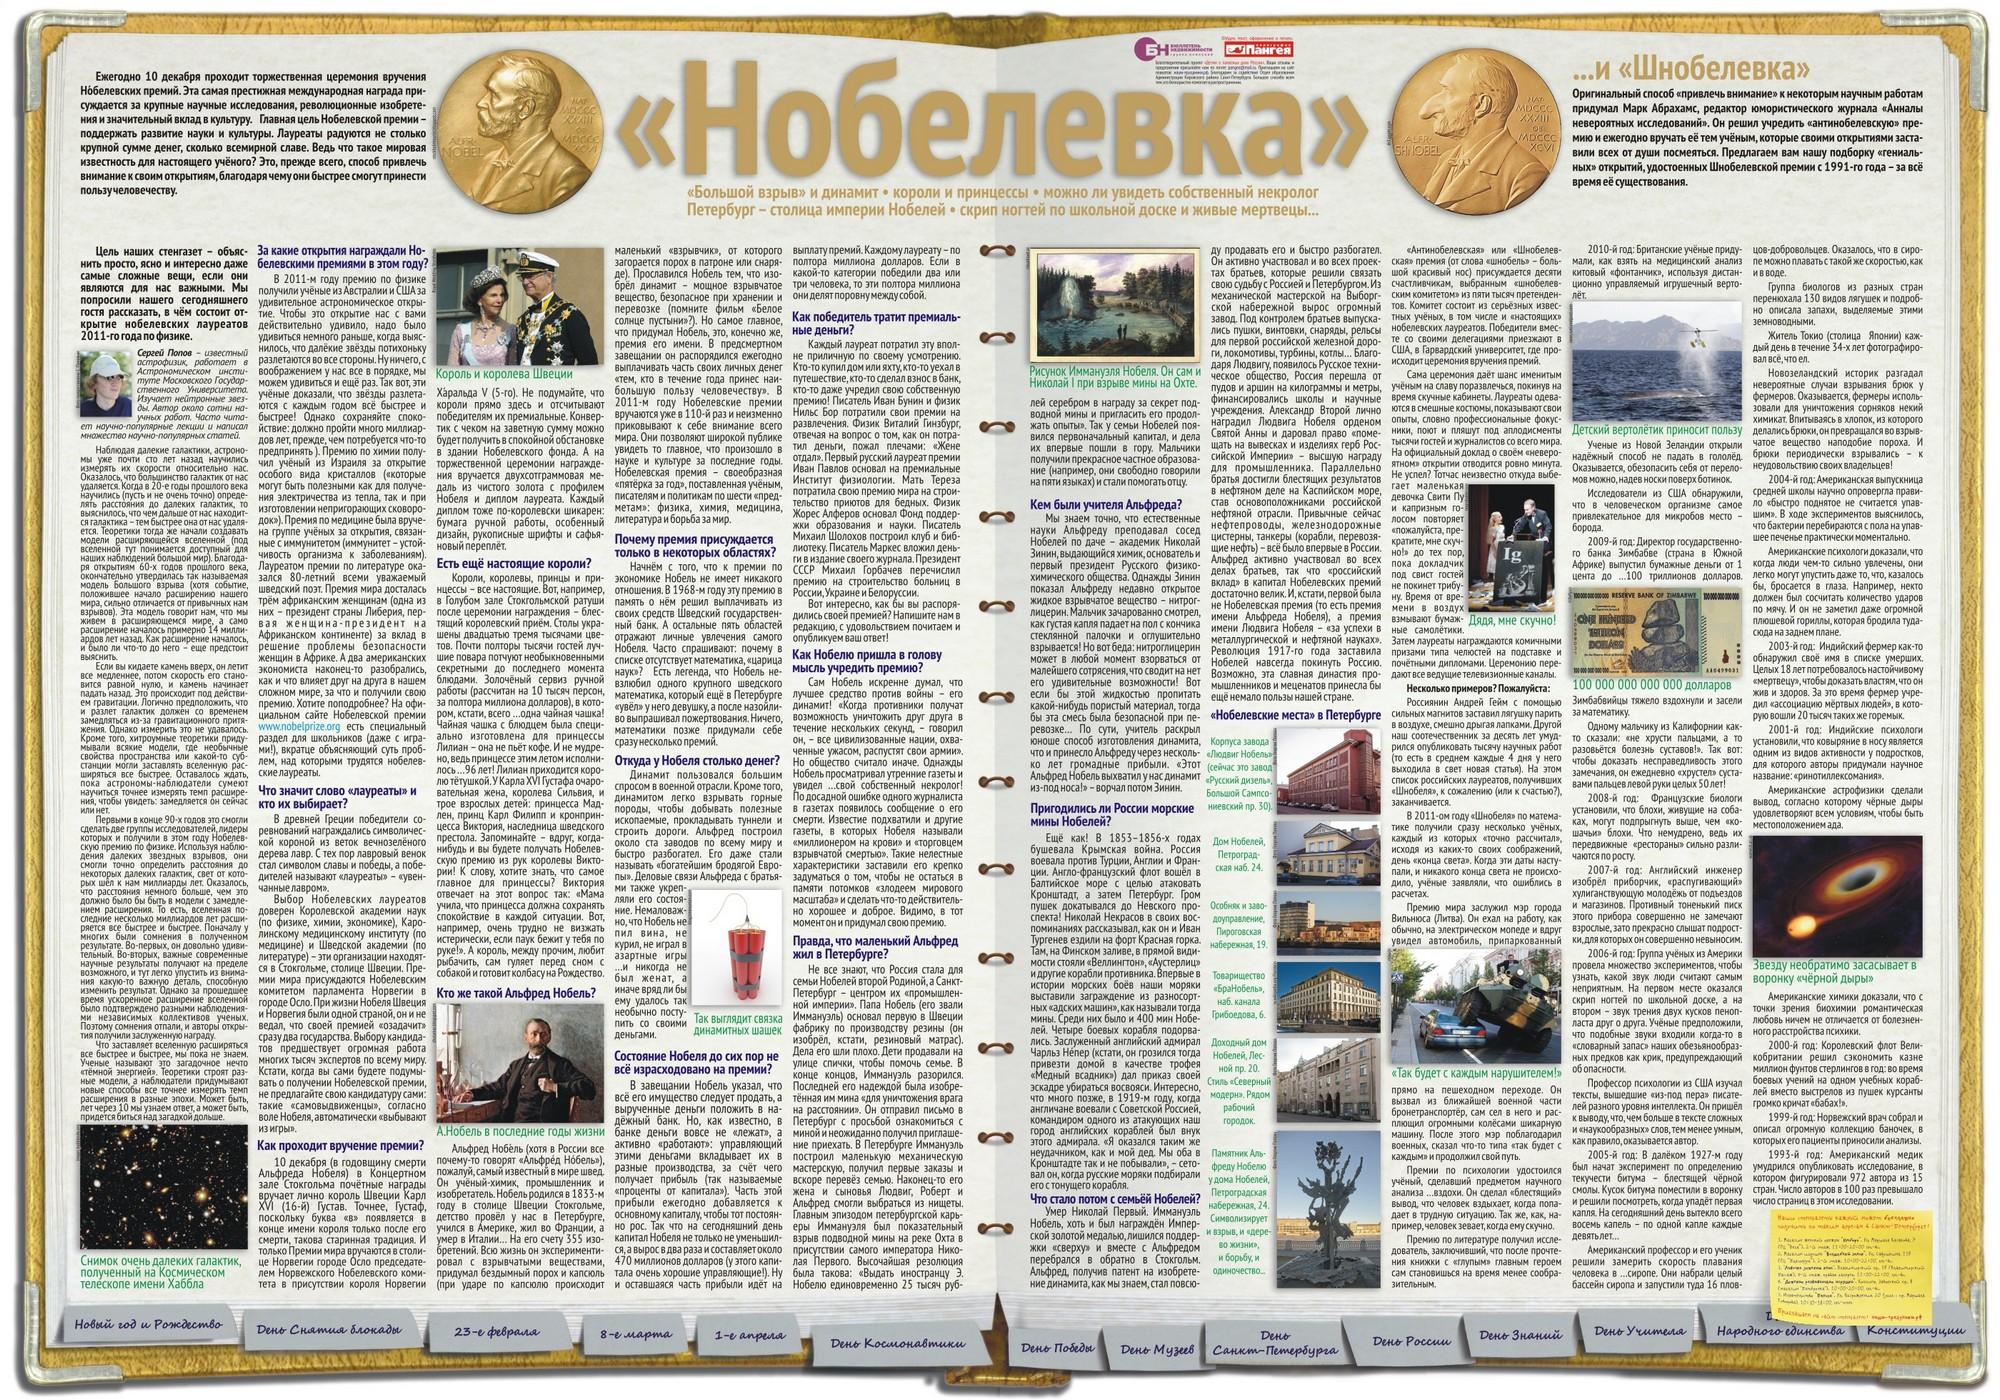 Нобелевка и Шнобелевка